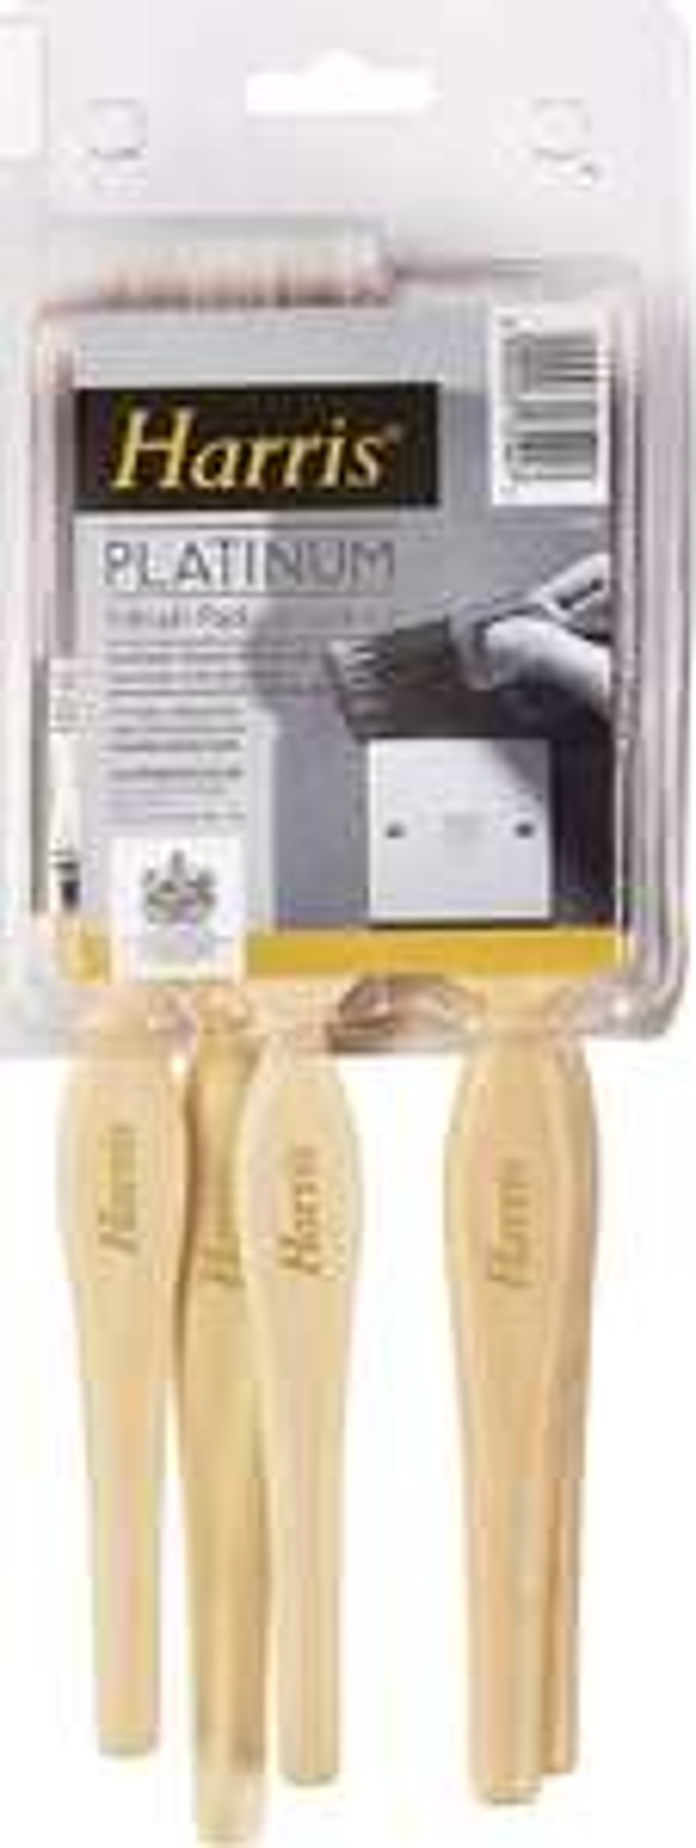 LG Harris 13190 Platinum 5 Brush Set - £4.99 (Prime) / £9.48 (Non Prime) @ Amazon